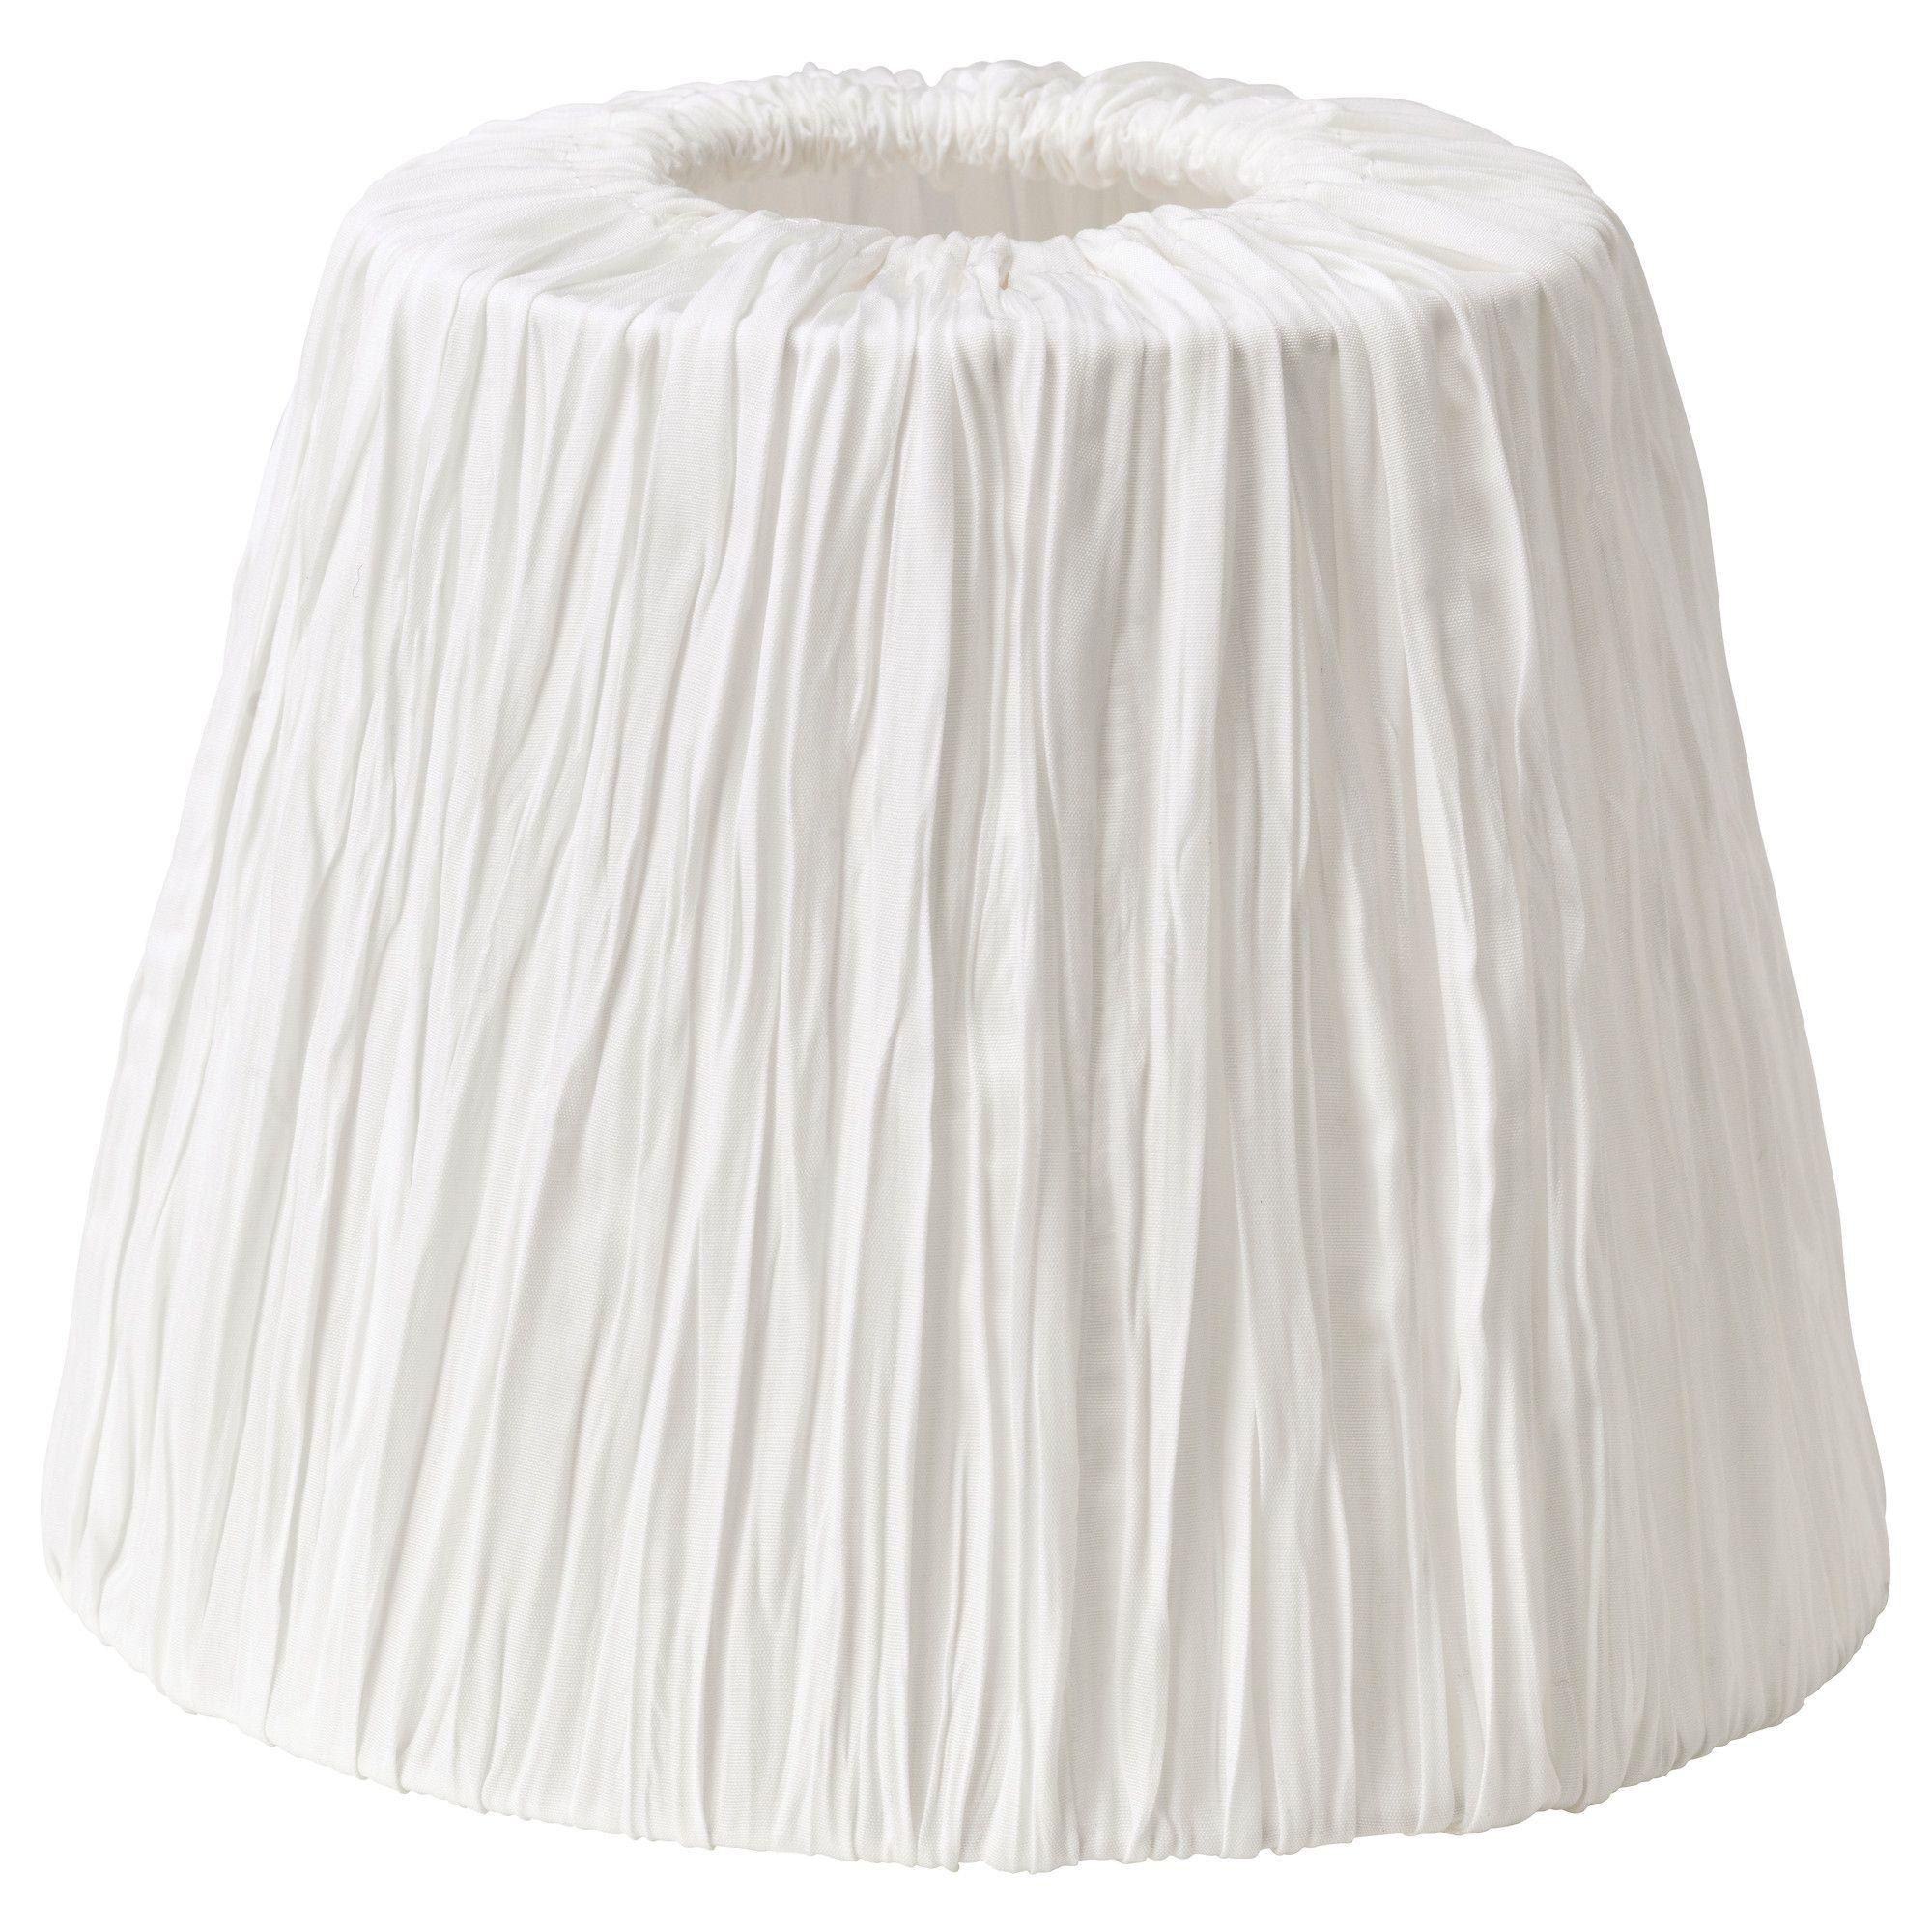 Ikea Hemsta Lampenkap 20 Cm De Lampenkap Van Textiel Geeft